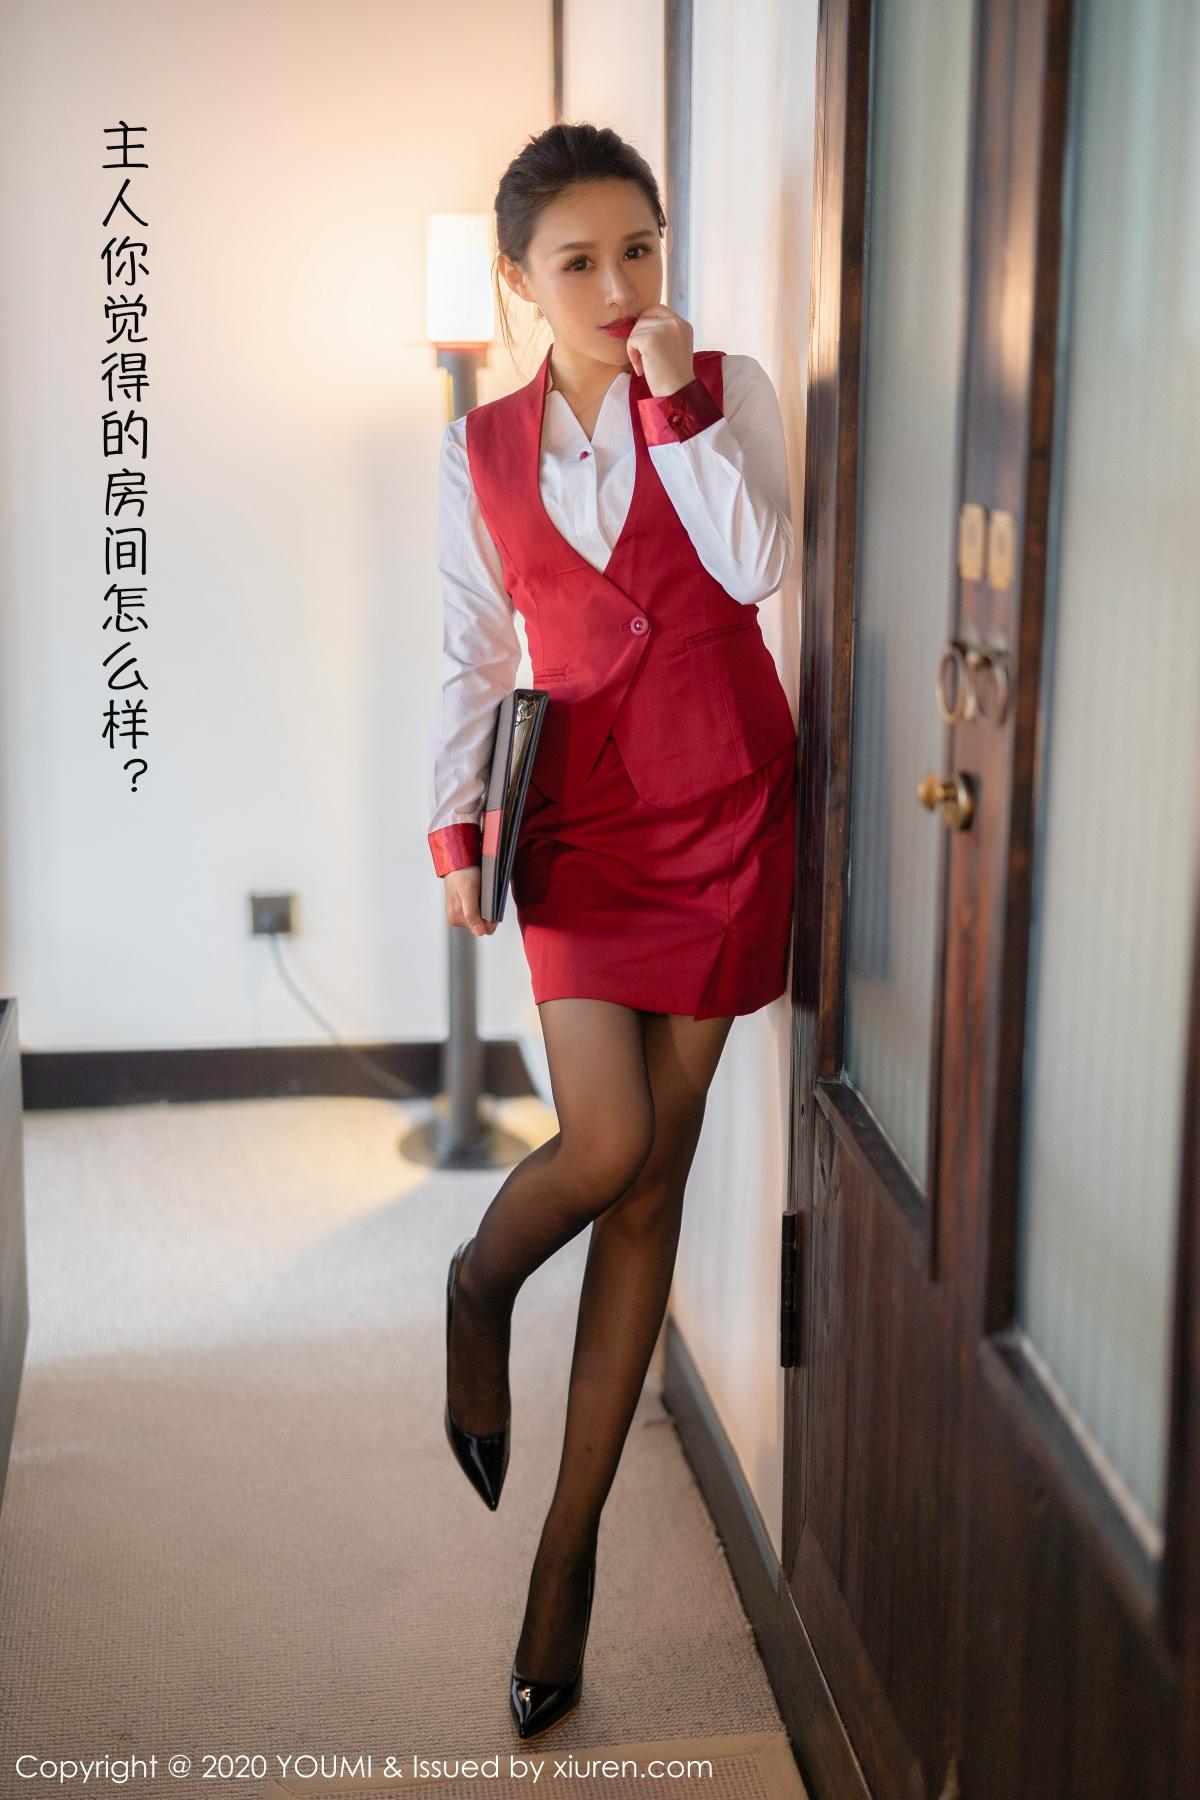 尤蜜荟 [YOUMI] 2020.11.24 VOL.562 徐安安